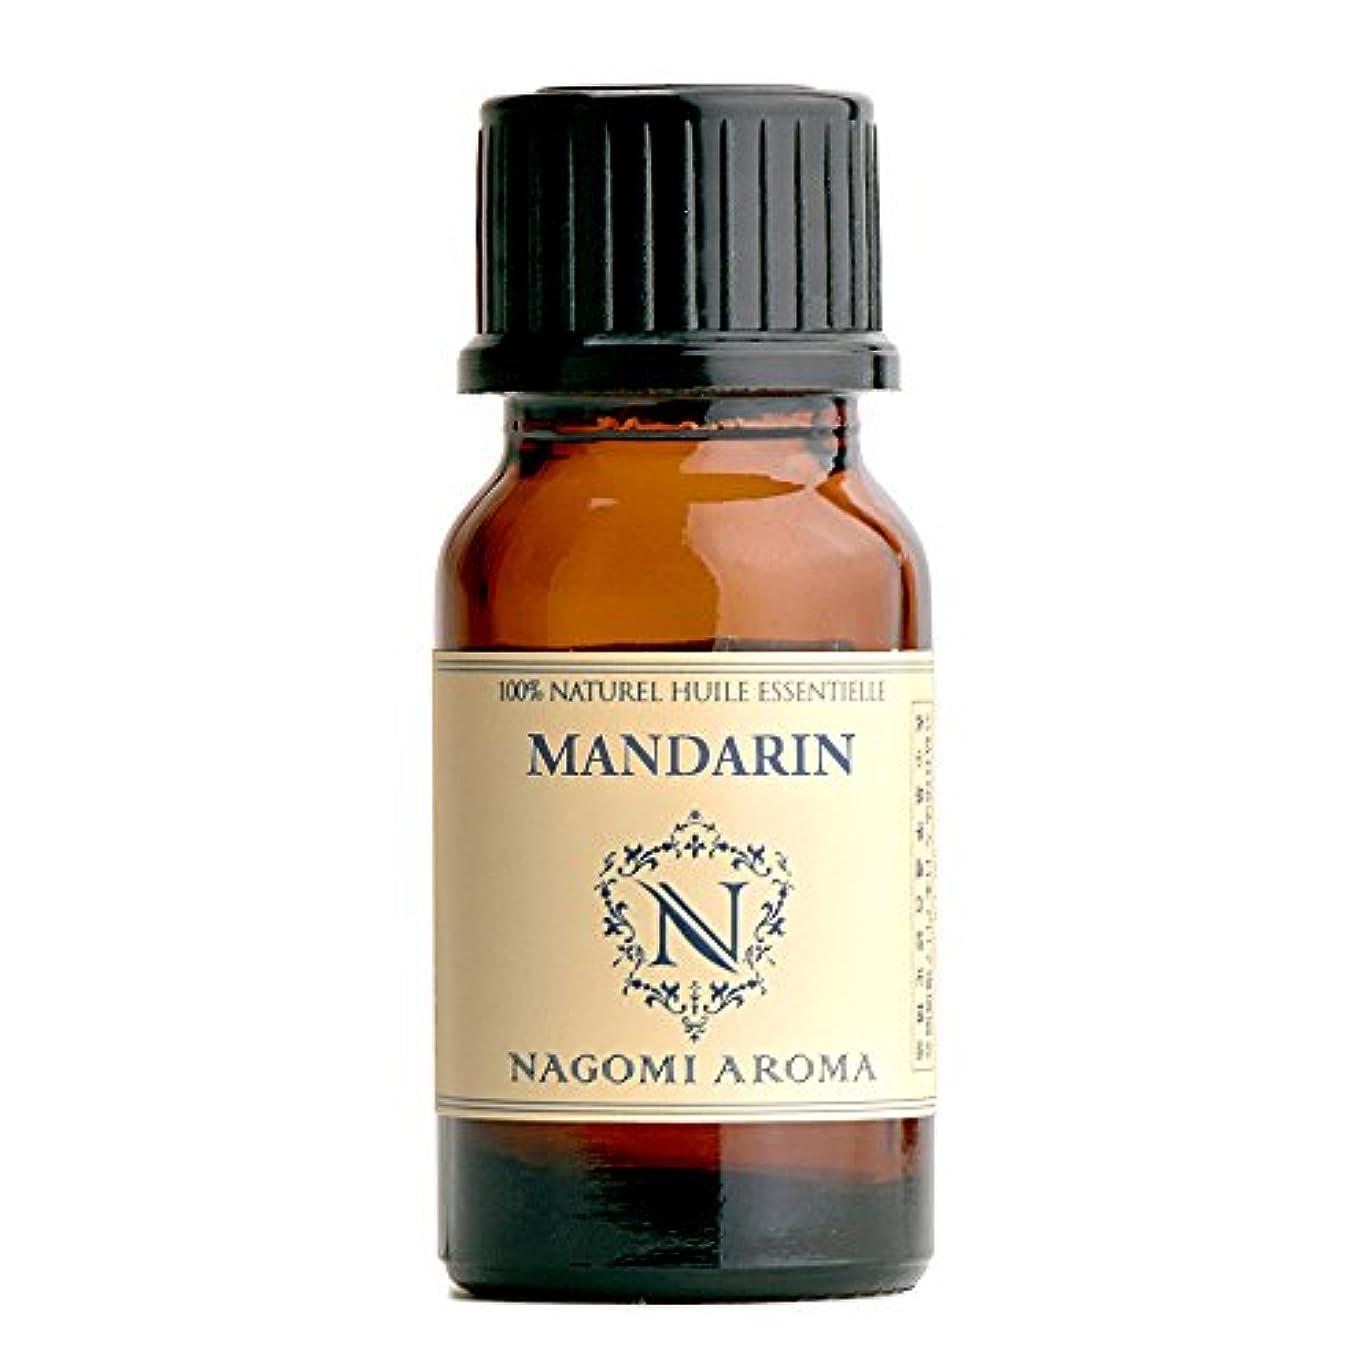 チキンプレミア水素NAGOMI AROMA マンダリン 10ml 【AEAJ認定精油】【アロマオイル】